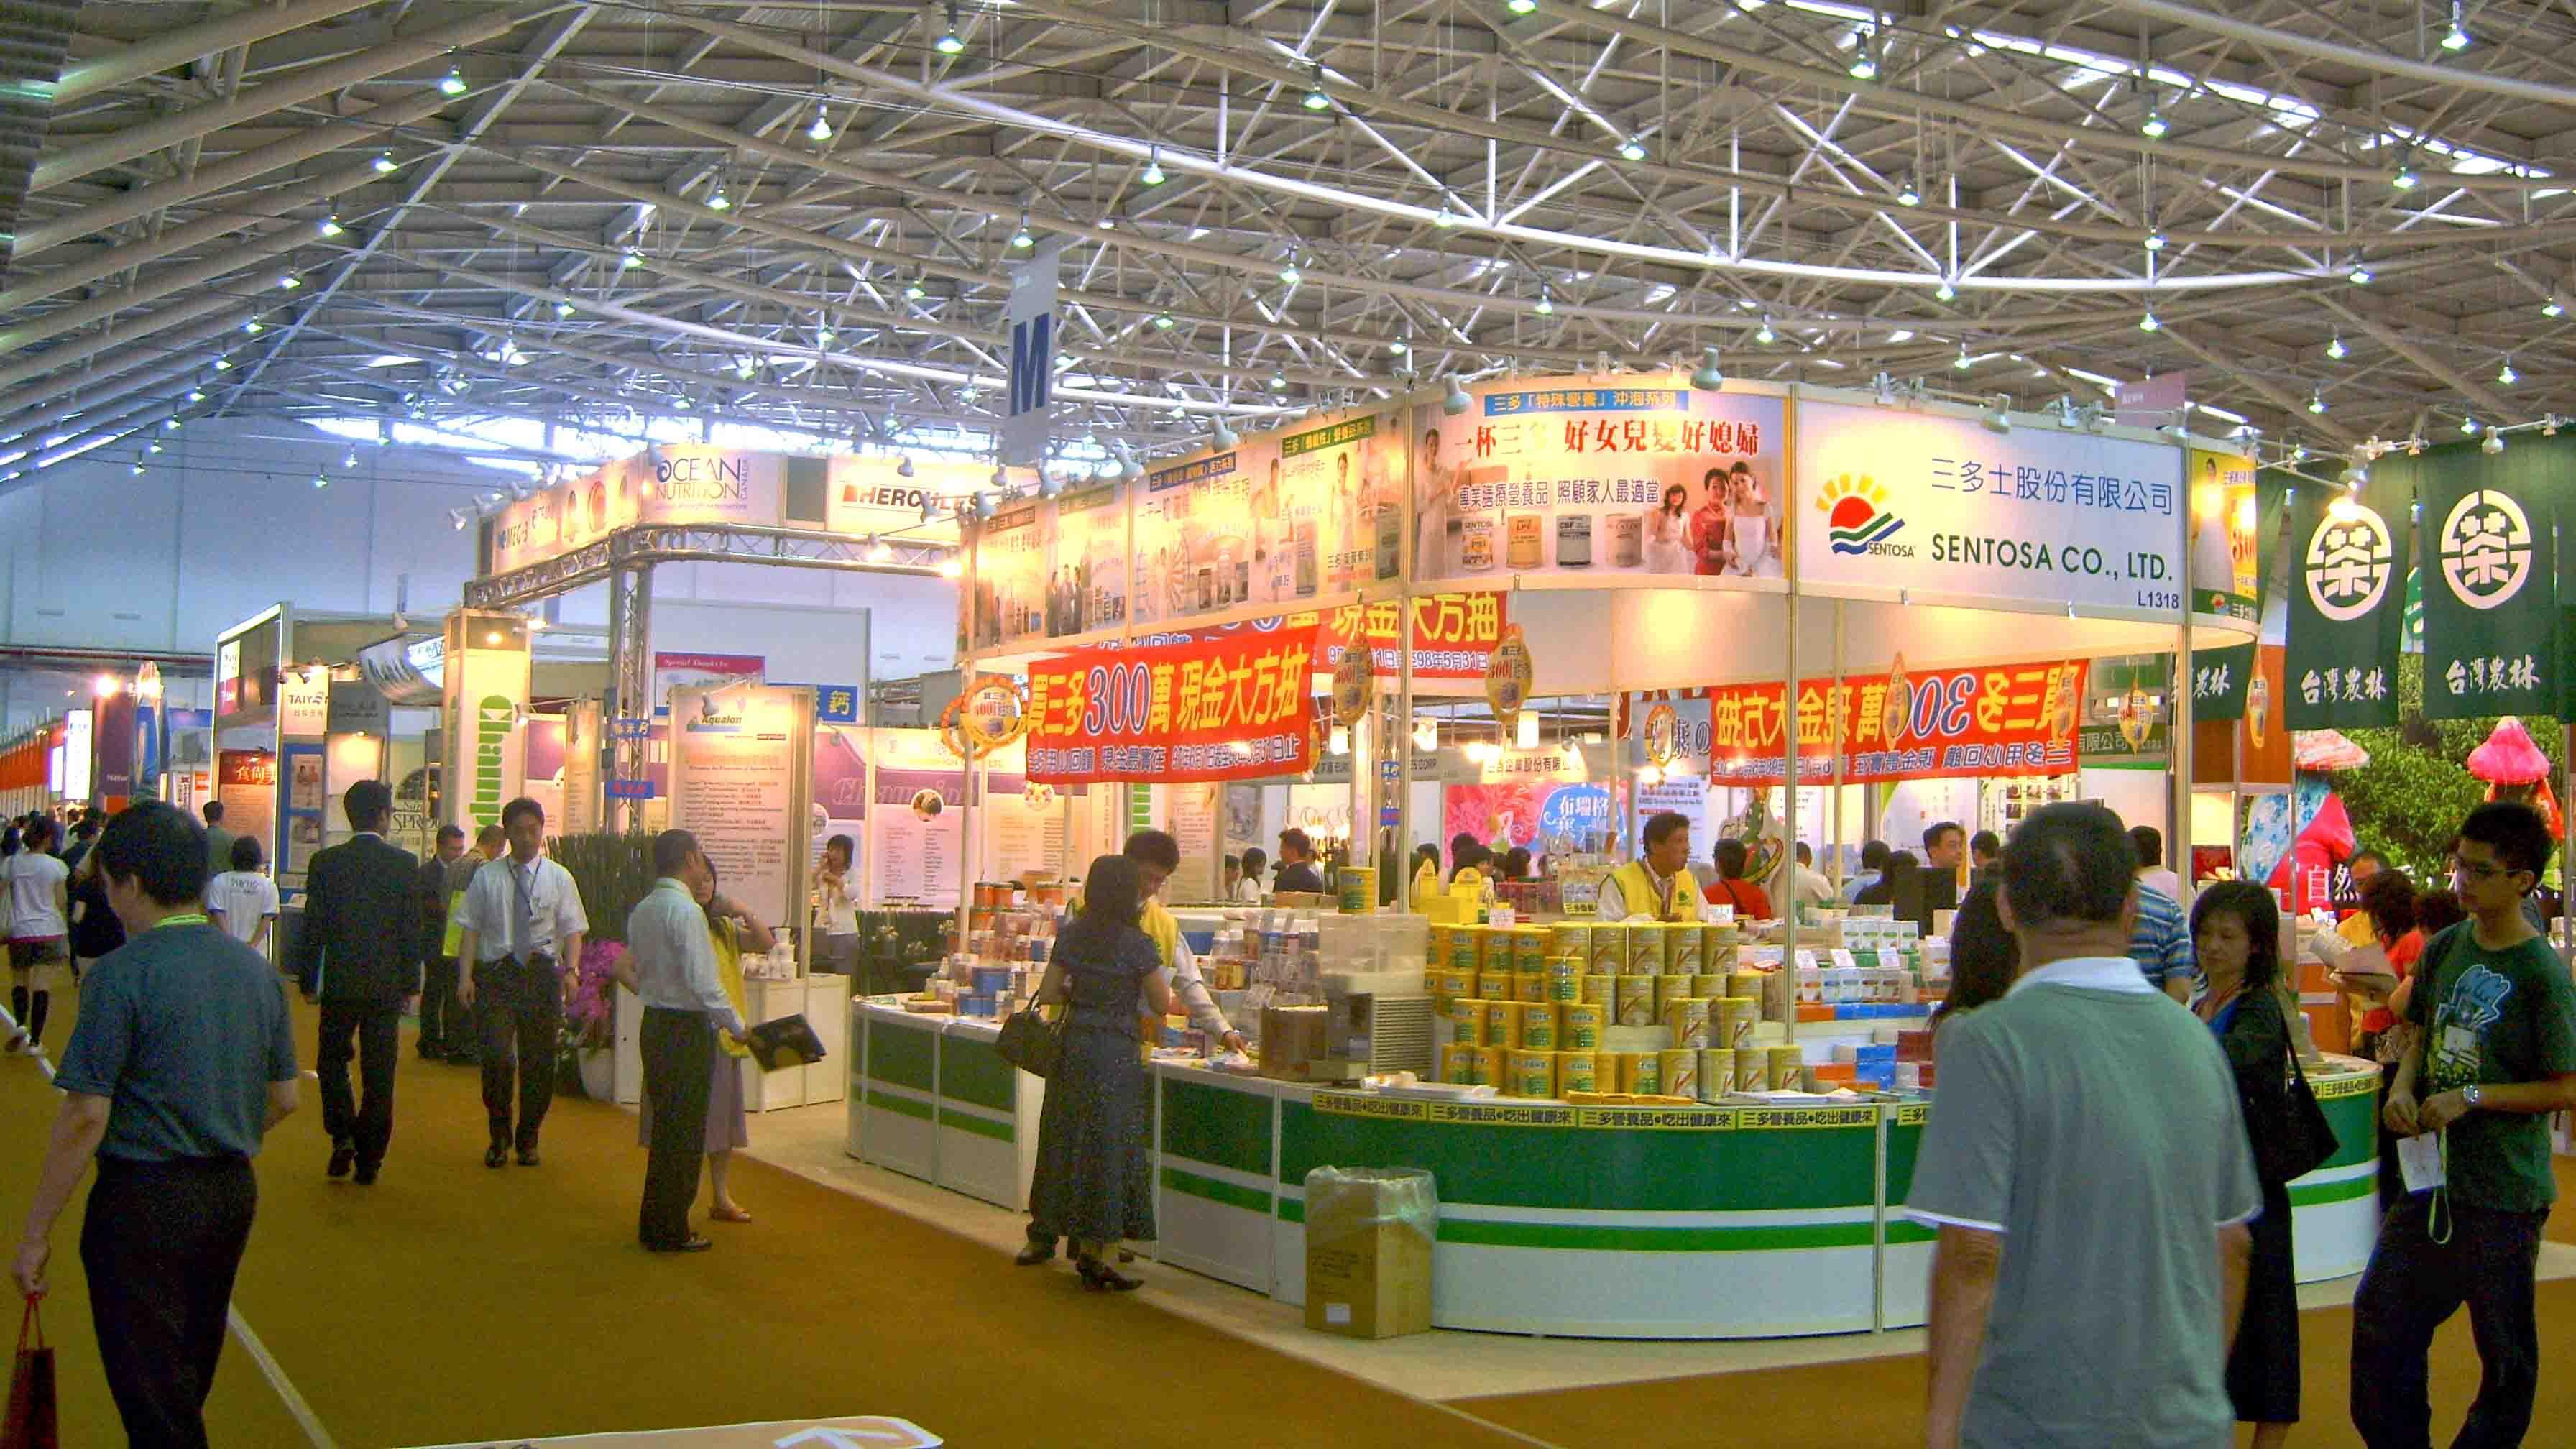 Los empresarios buscarán comprar productos entre el 22 y 25 de junio